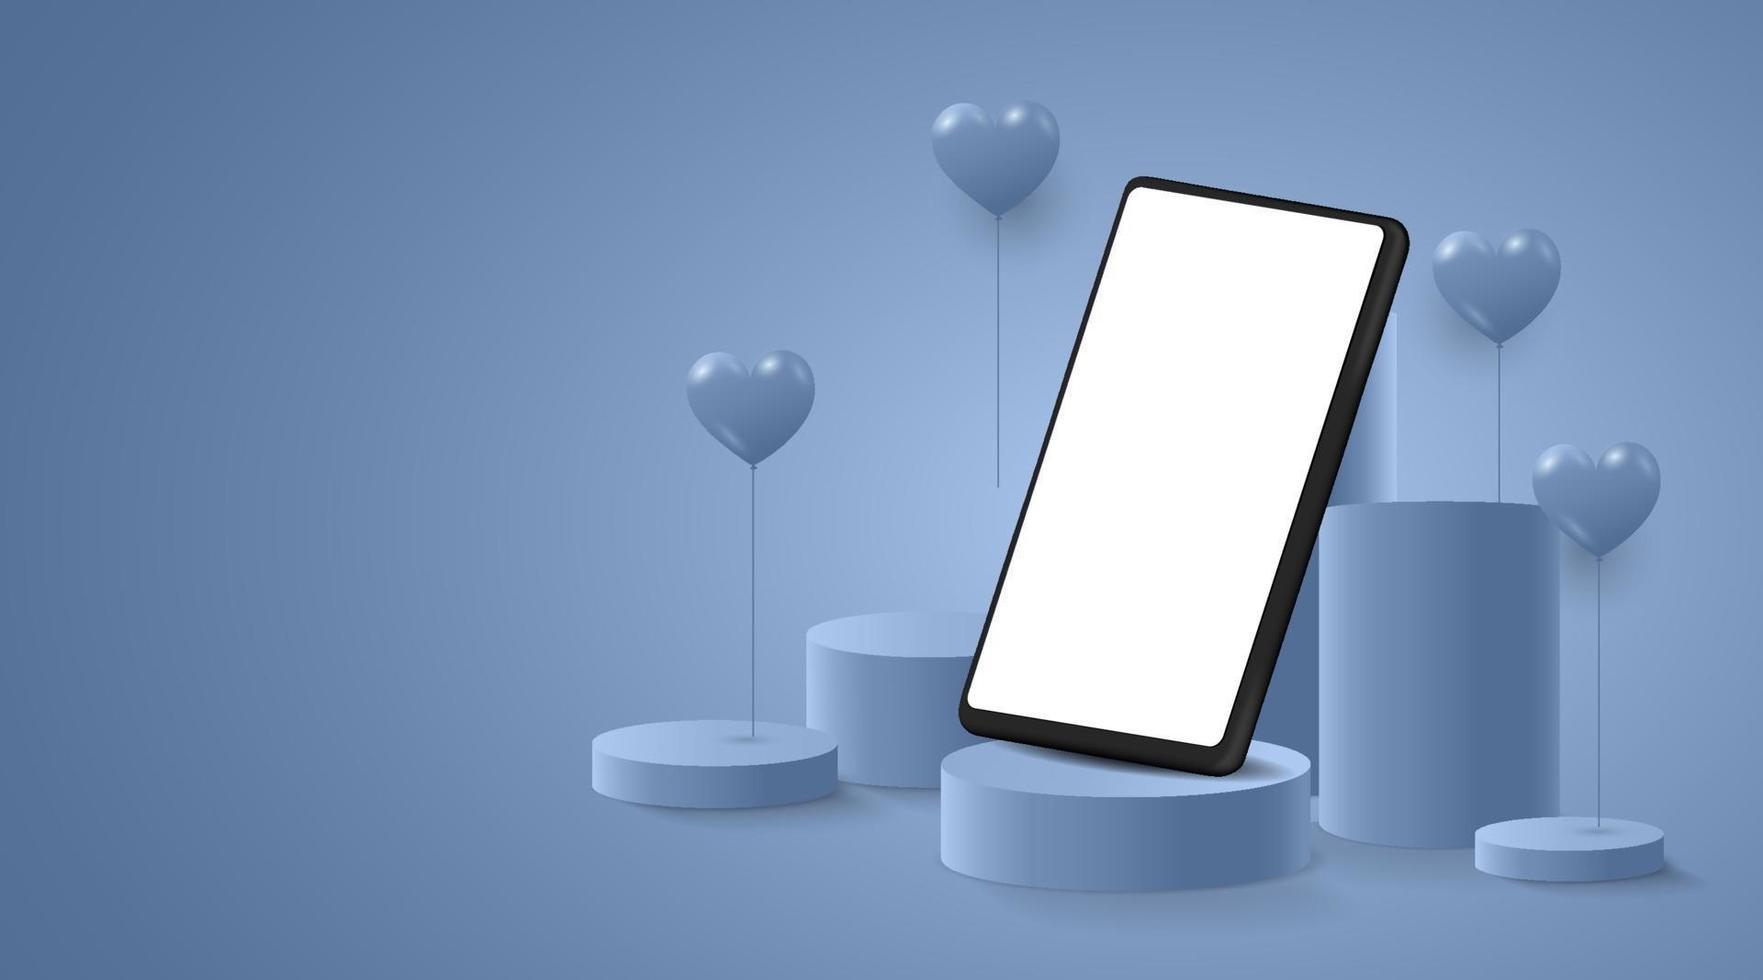 minimalistisk mockup. smartphone på scen eller podium för produktpresentation eller utställning på cyanbakgrund. vektor illustration.